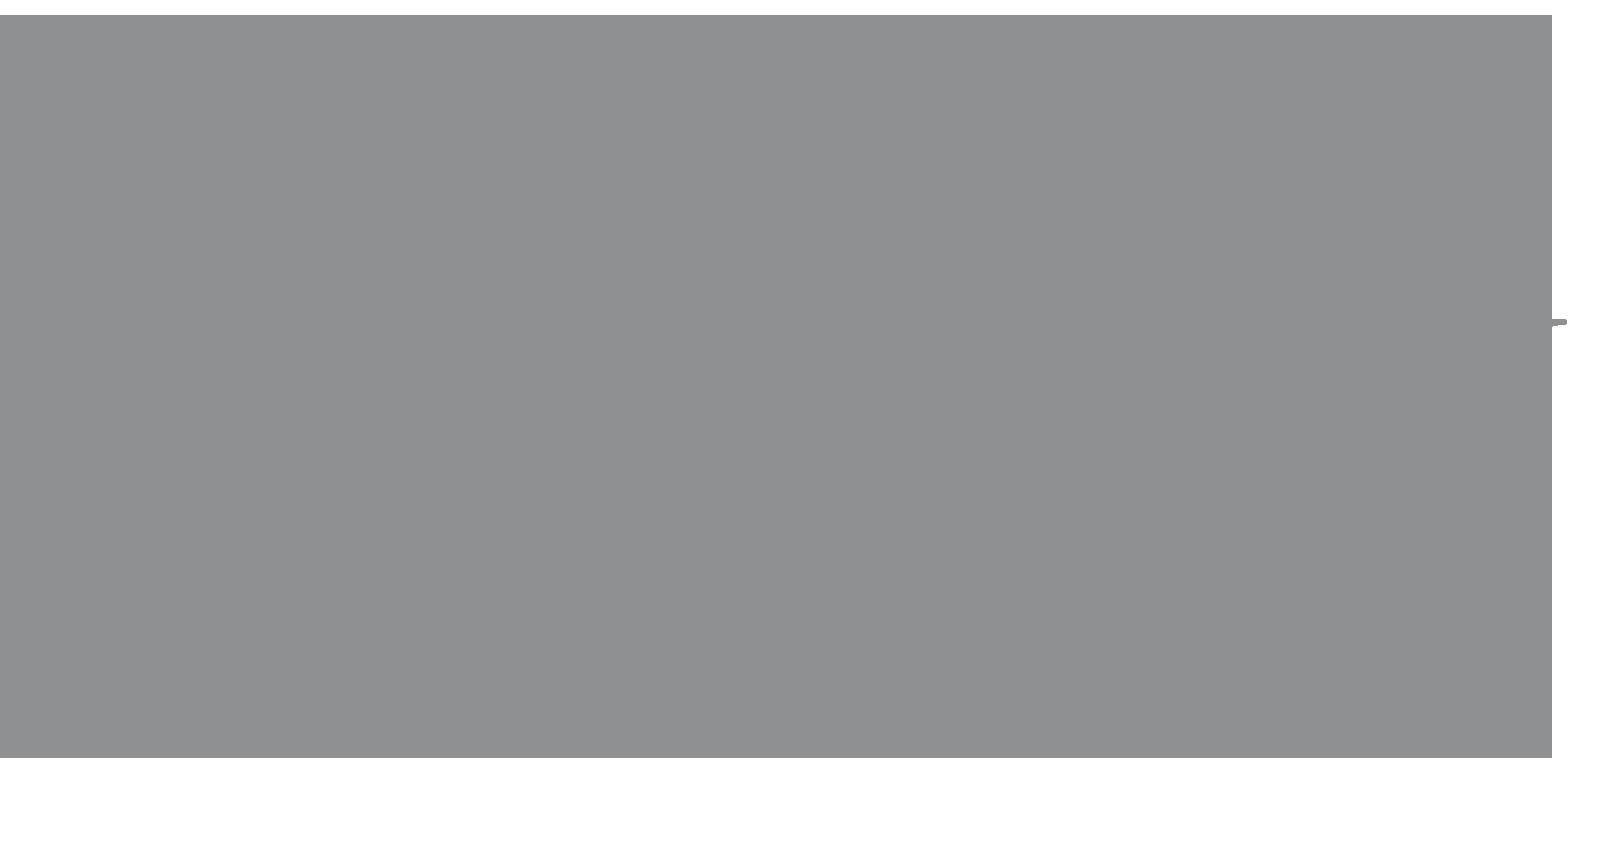 MJardin-Group